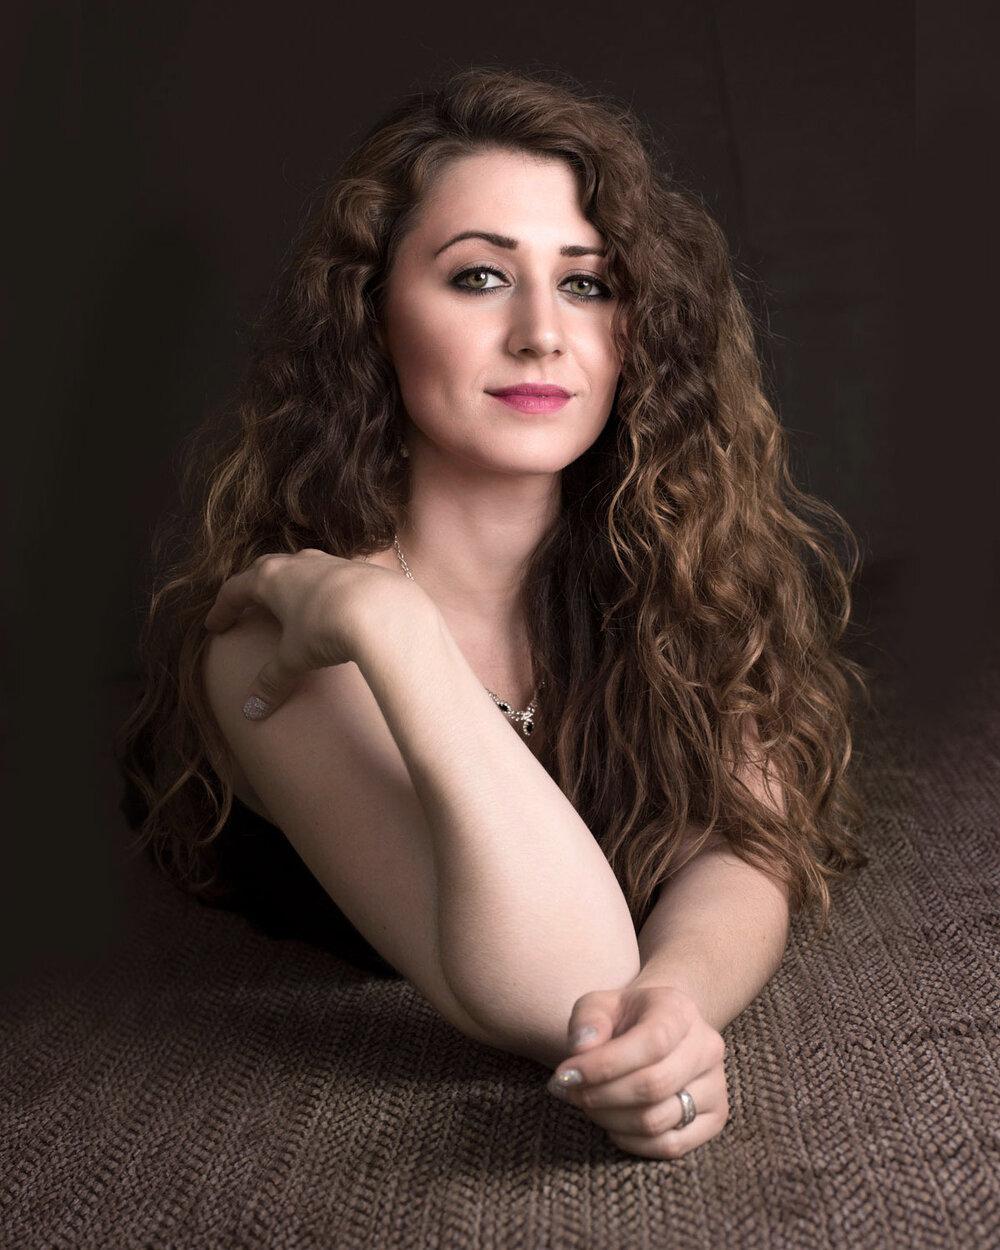 Megan's Beauty Portrait